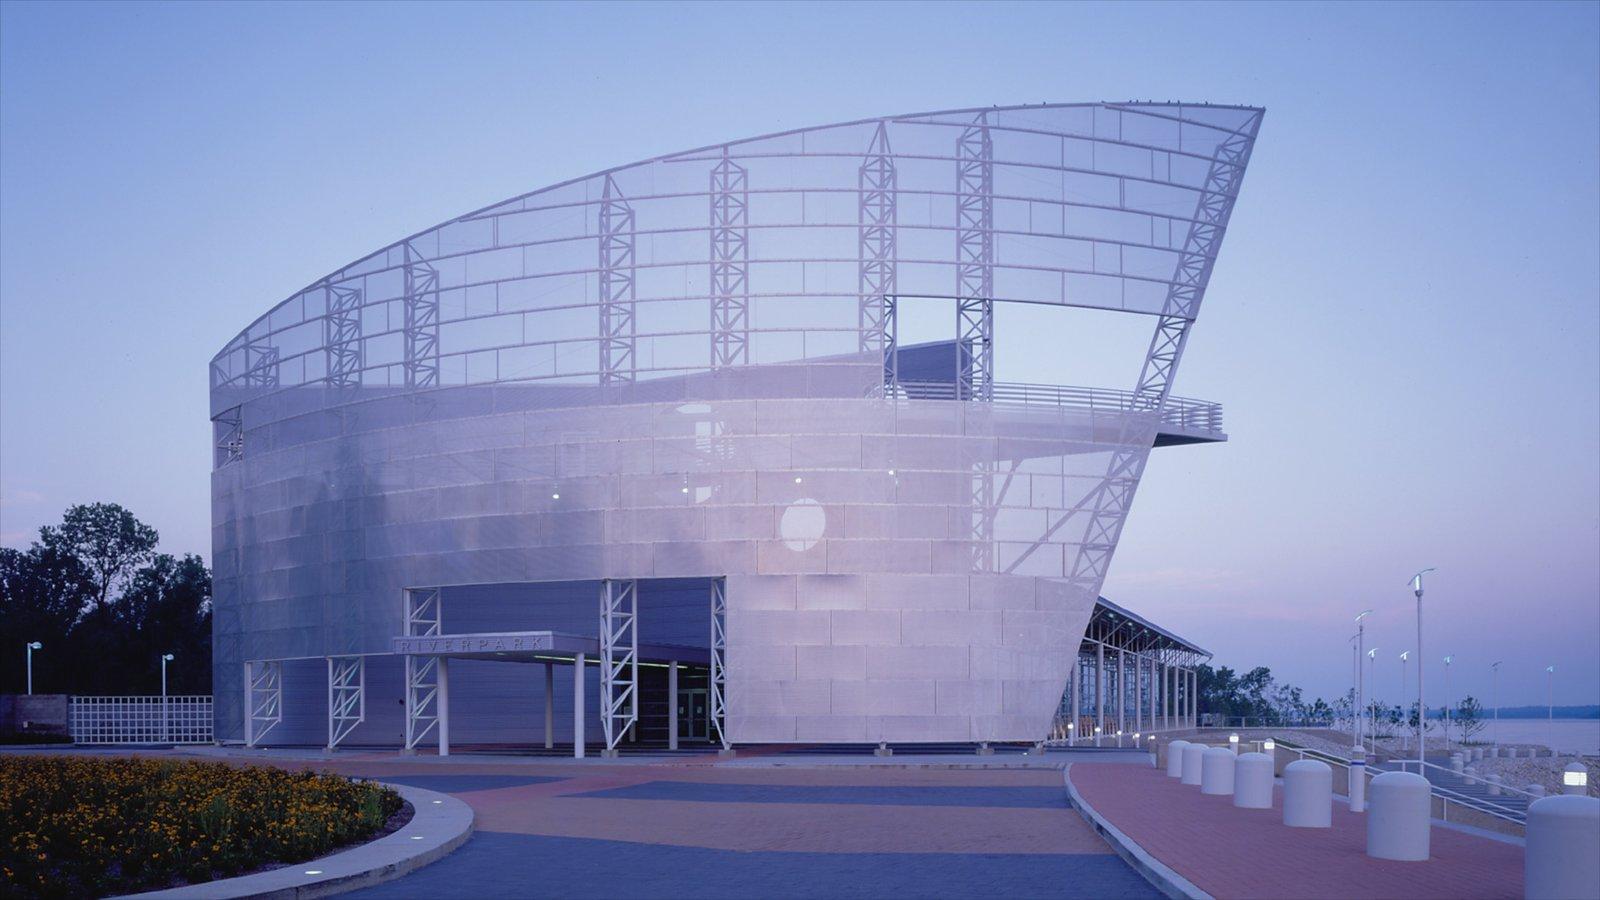 Tunica que inclui paisagens da cidade e arquitetura moderna